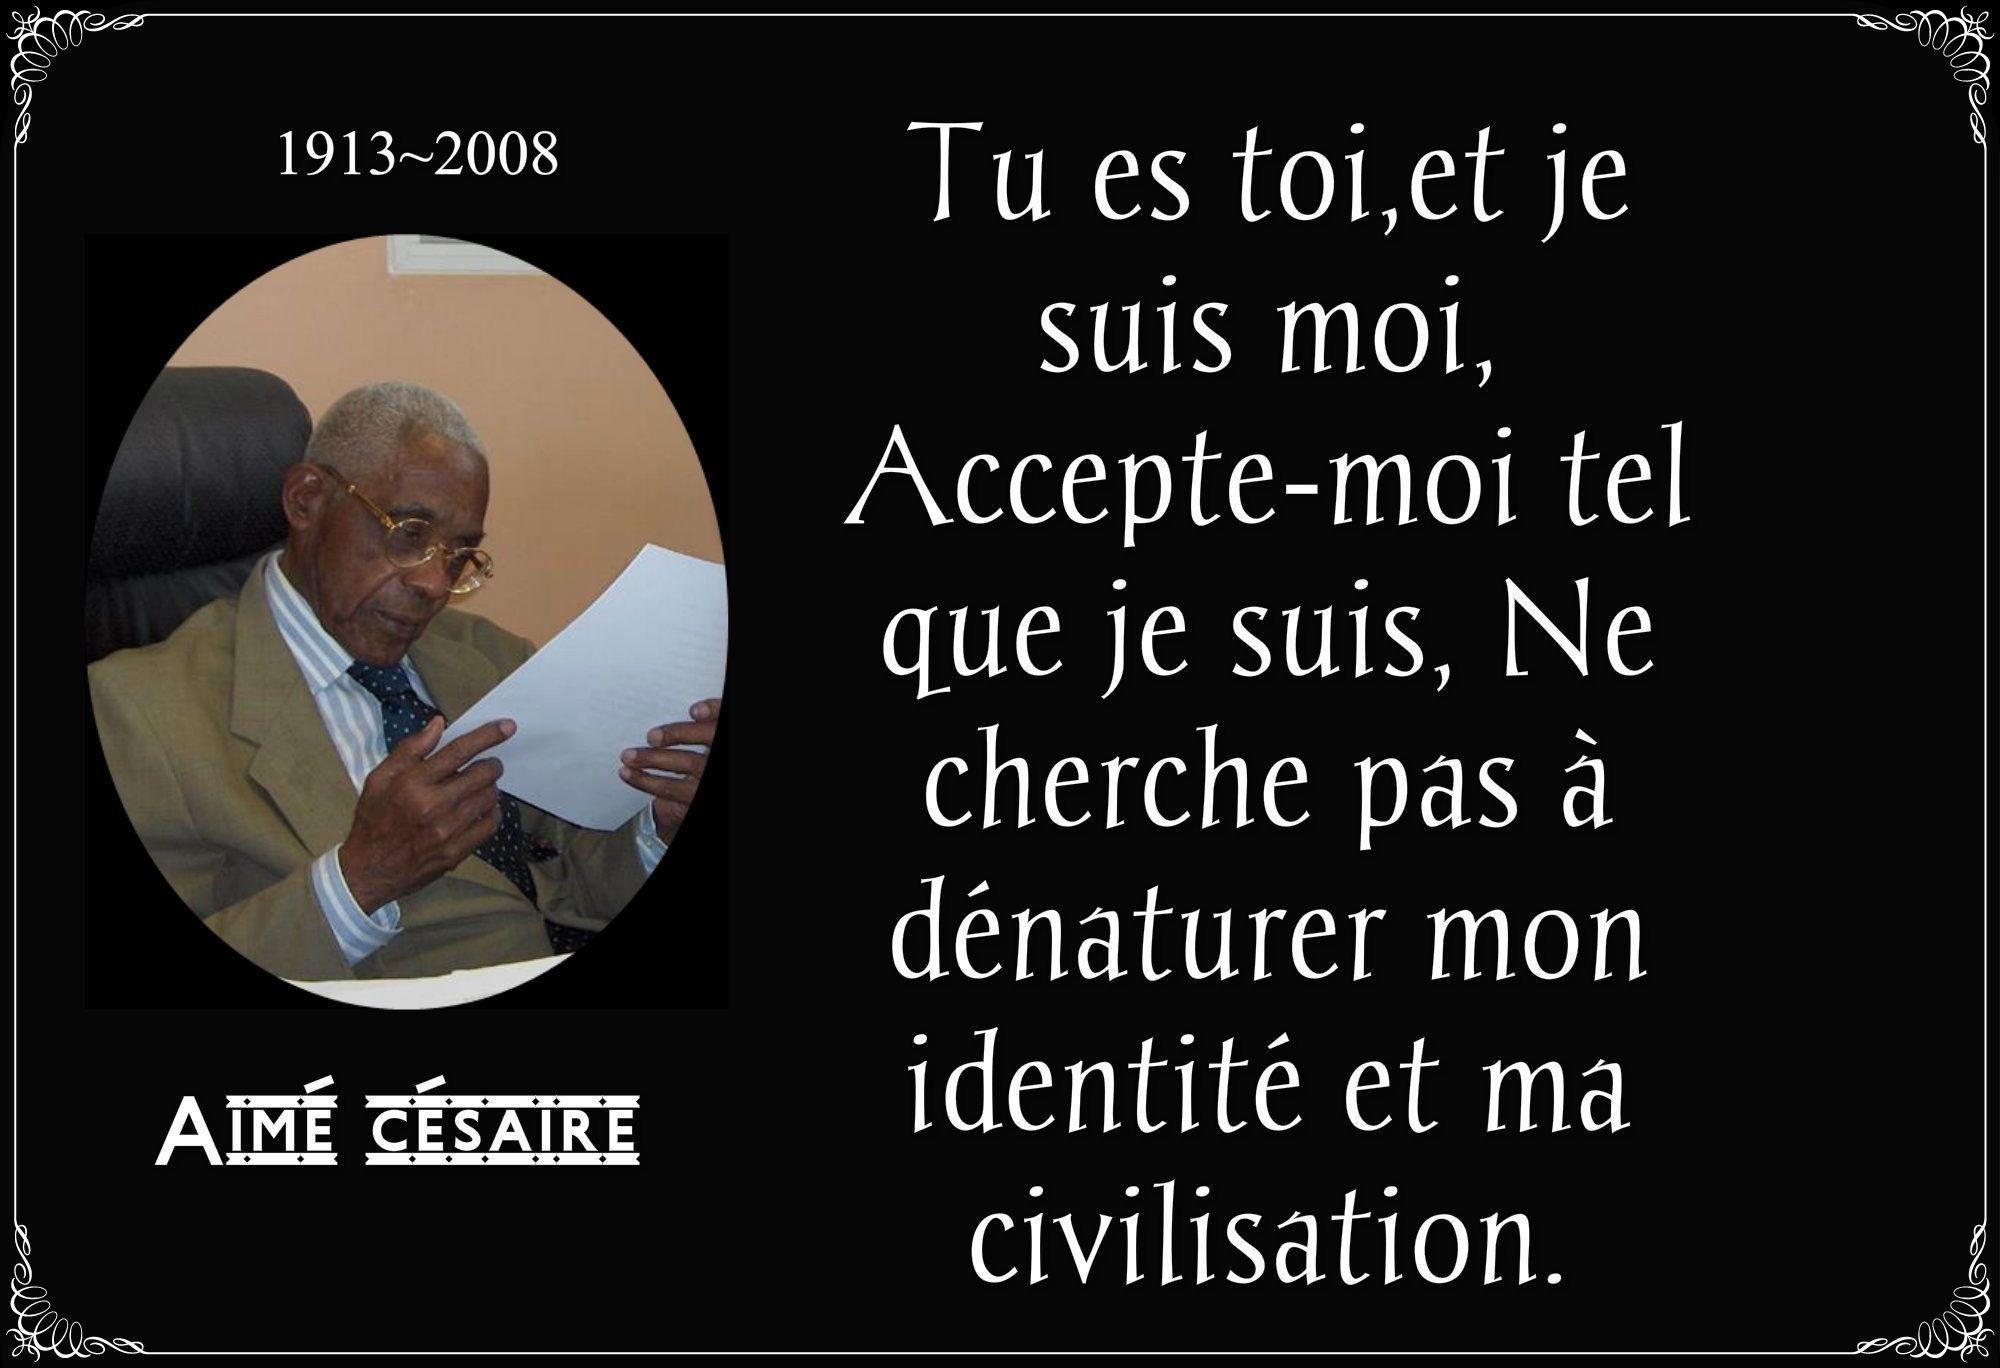 Aimé Césaire Le Grand Poète Citation Citation Humour Et